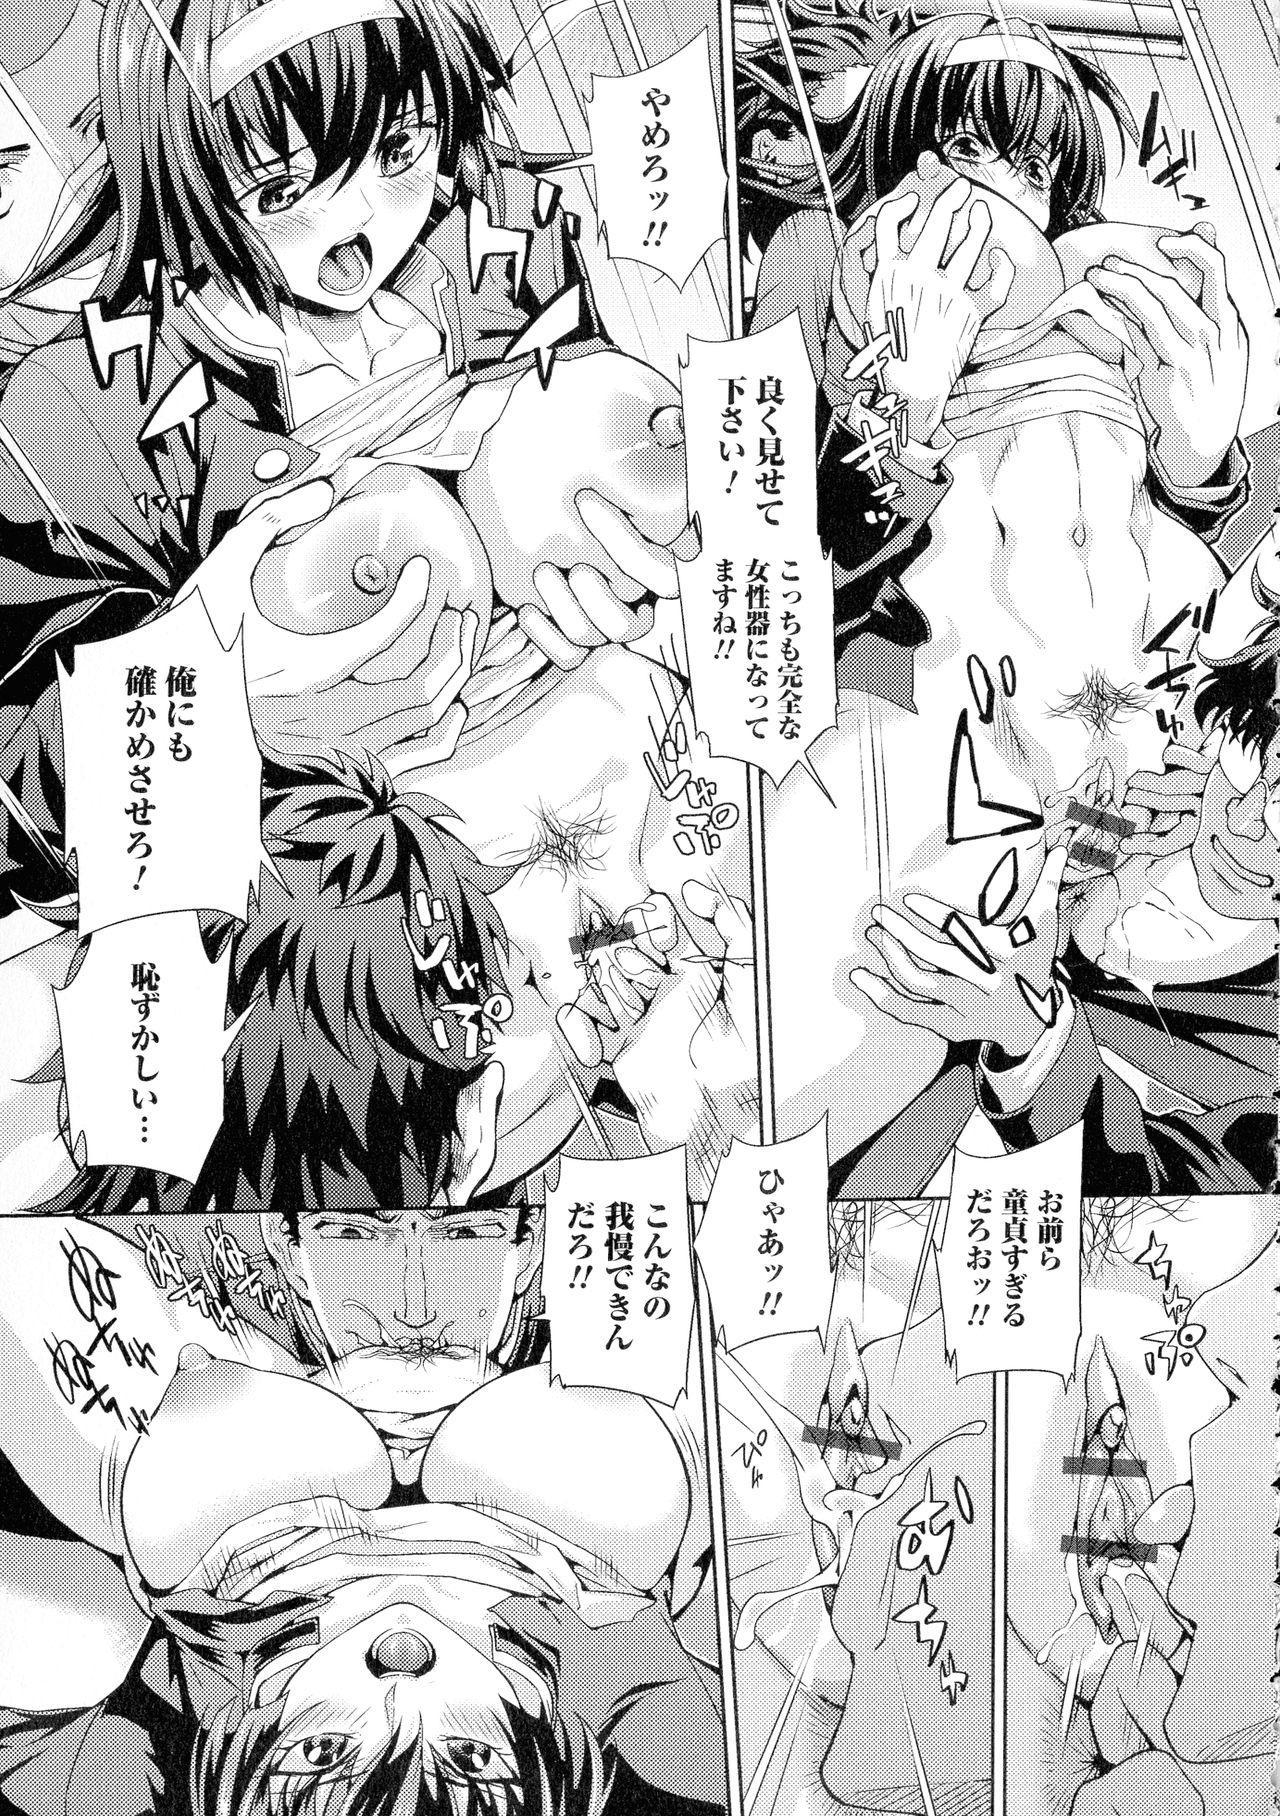 Futanari Tsunagari - Androgynos Sexual intercourse 105